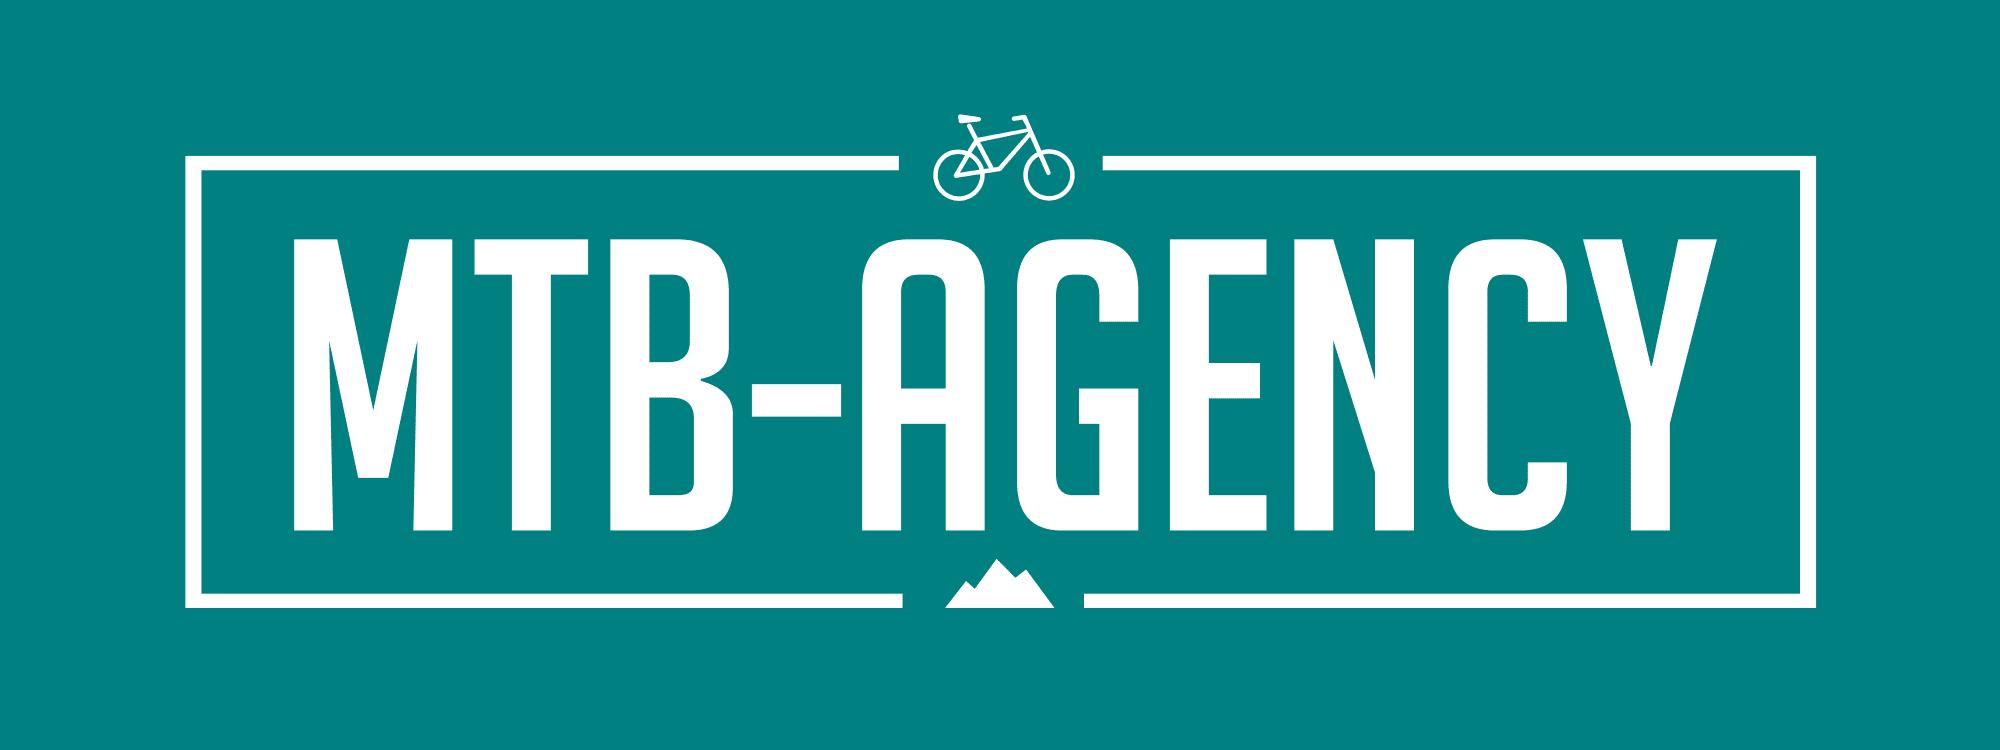 MTB-AGENCY